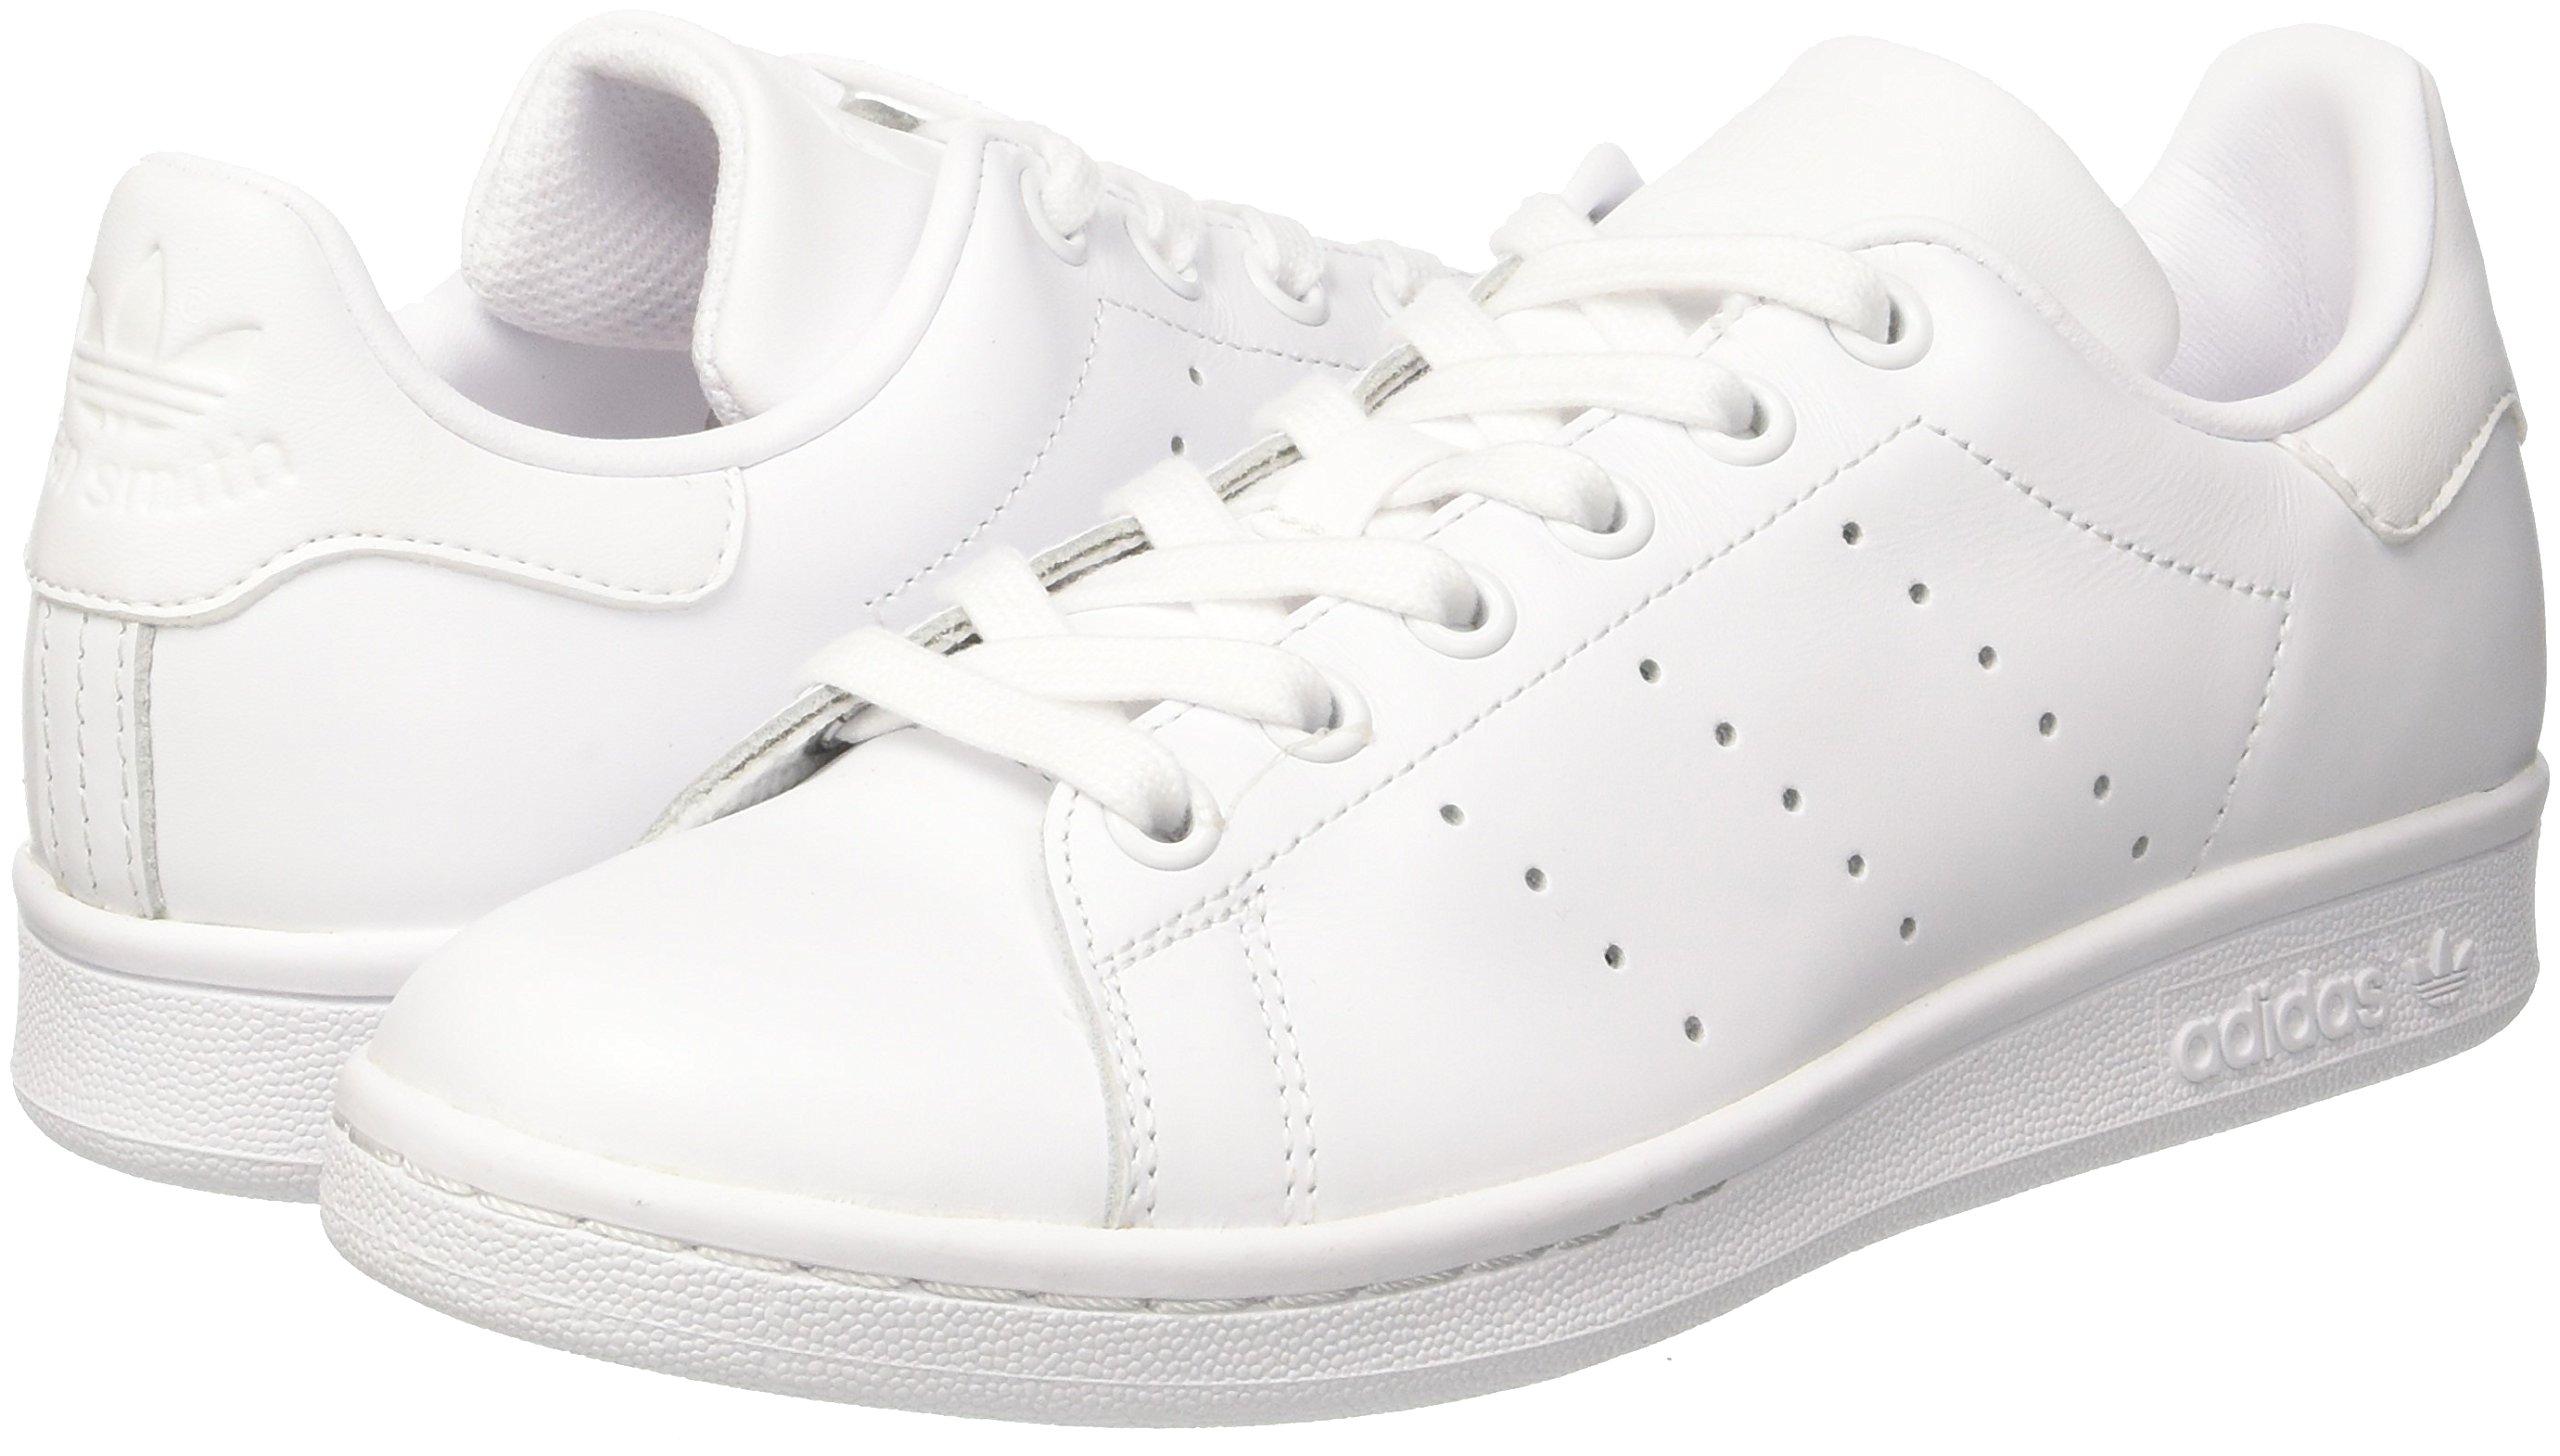 Adidas Stan Smith Scarpe Low-Top, Uomo 5 spesavip